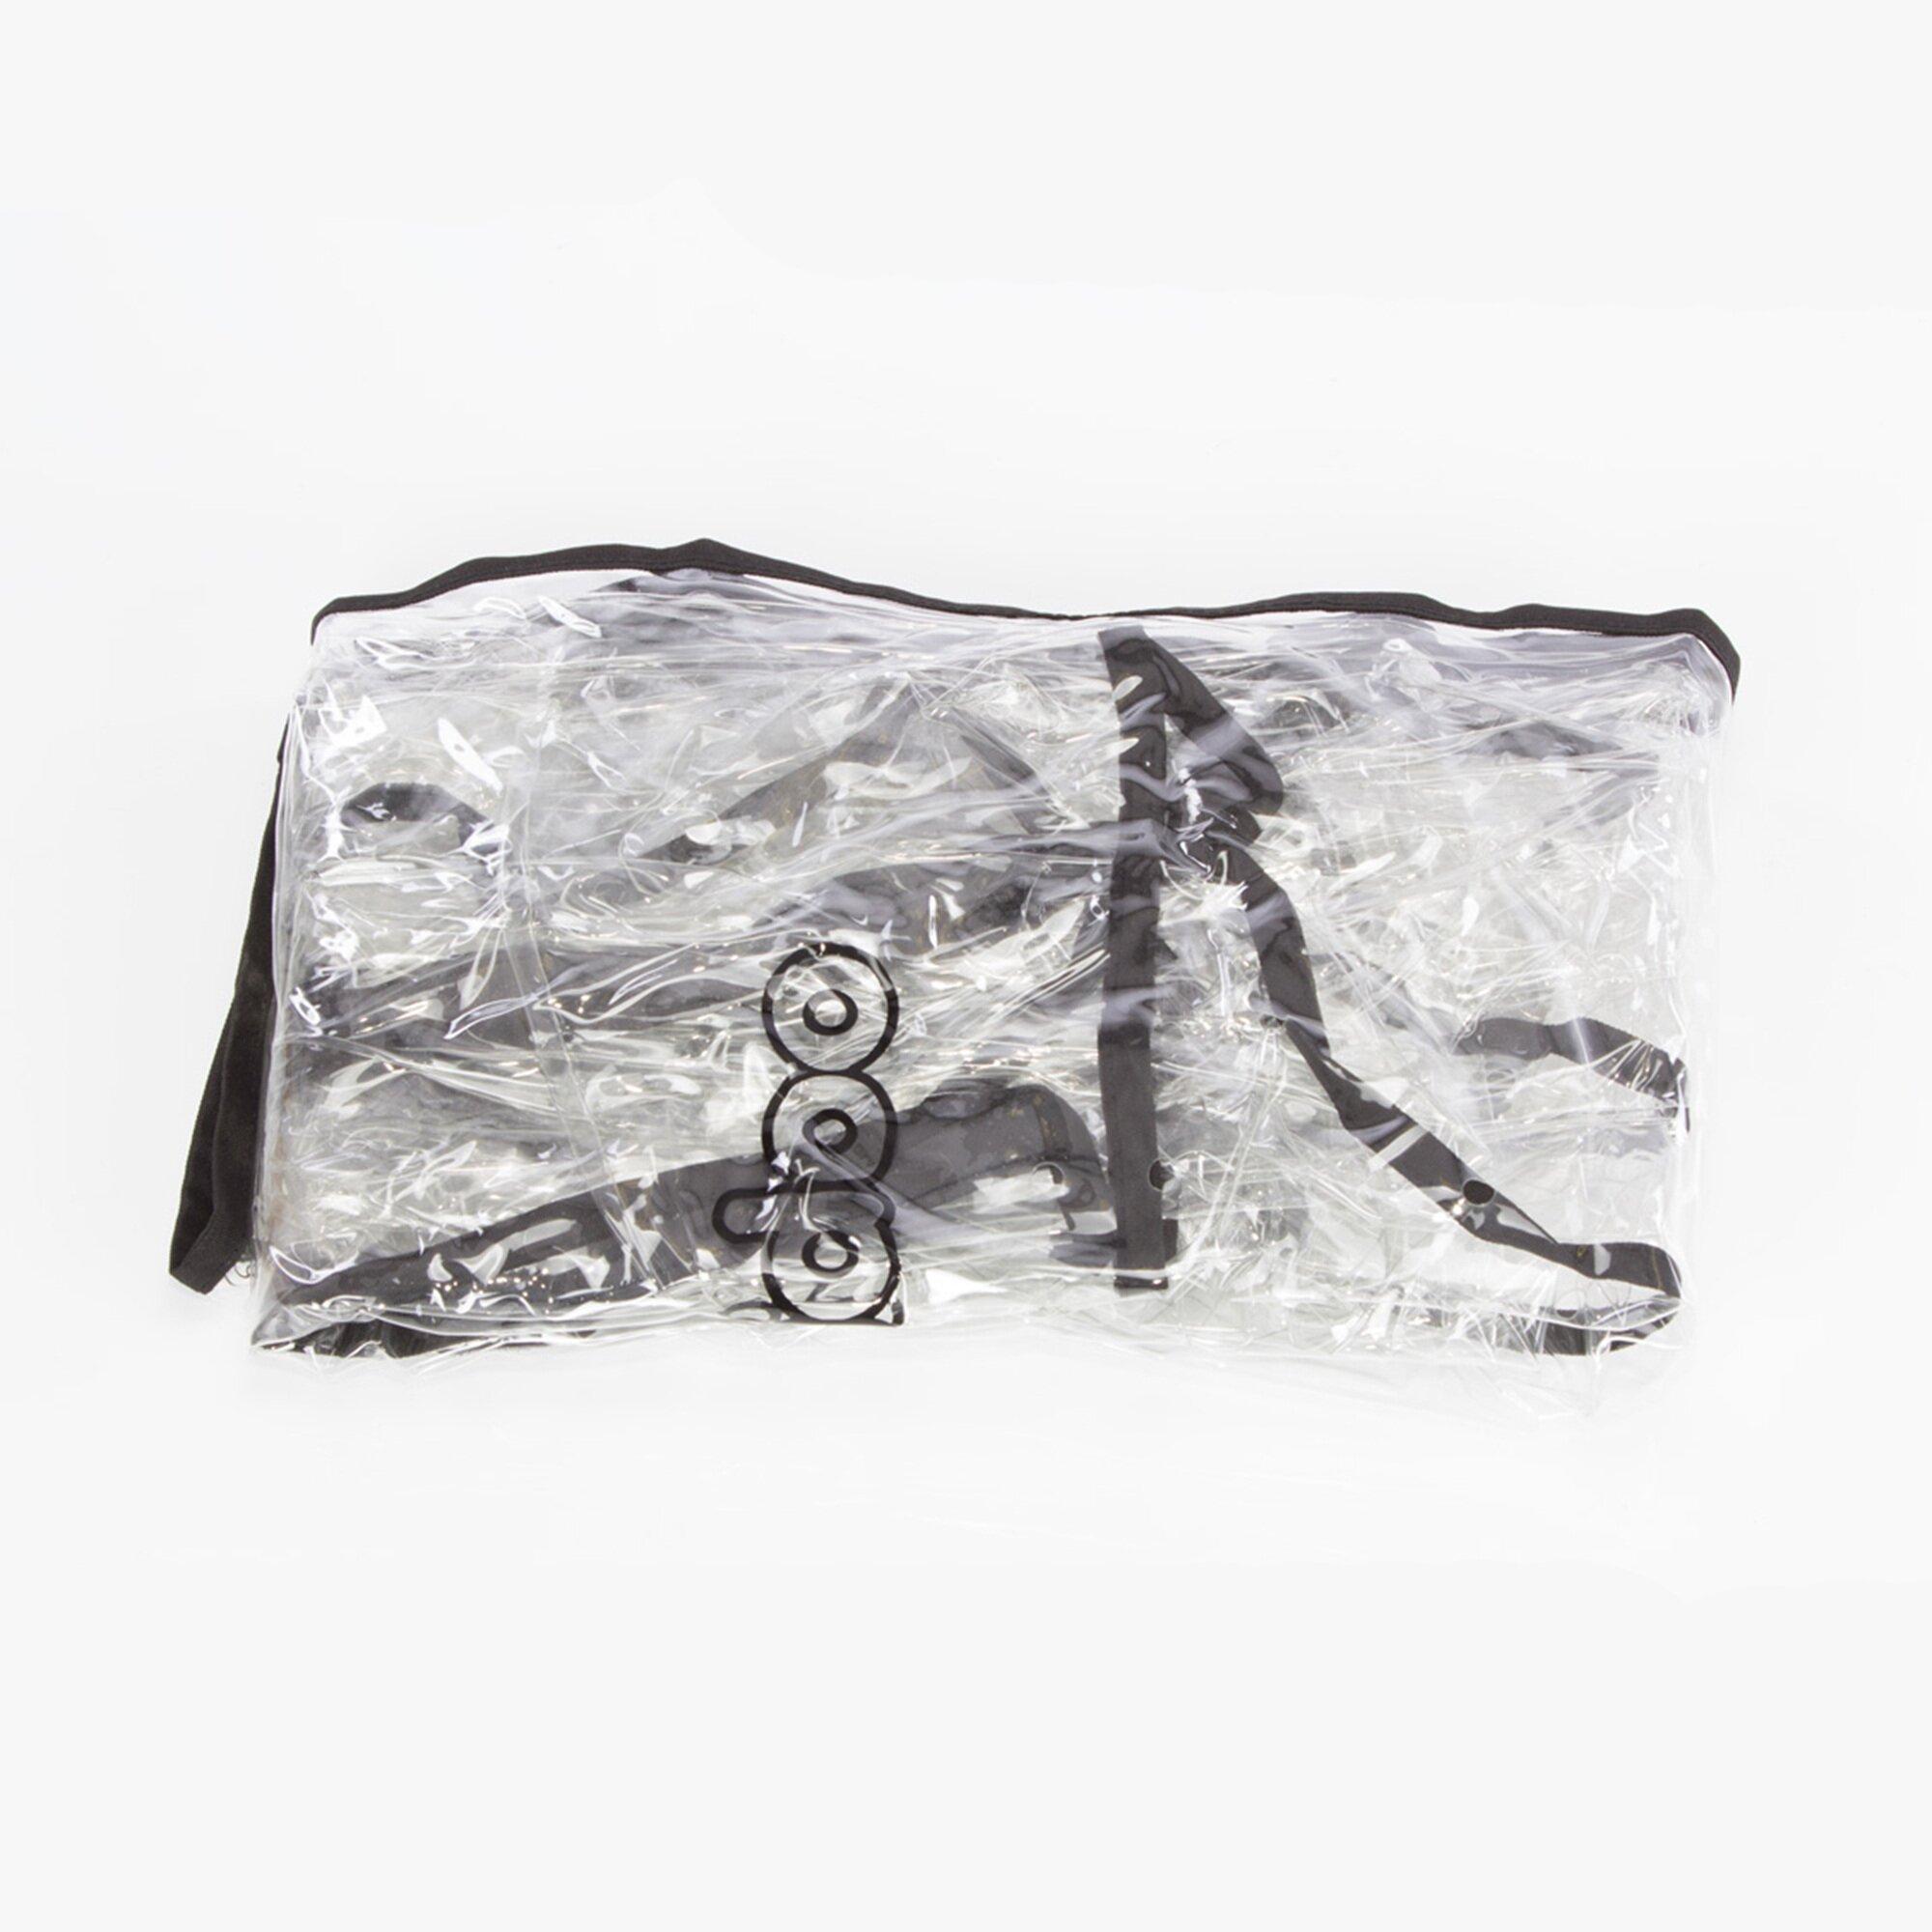 qeridoo-regenschutz-fur-kinderfahrradanhanger-kidgoo2-transparent, 24.99 EUR @ babywalz-de